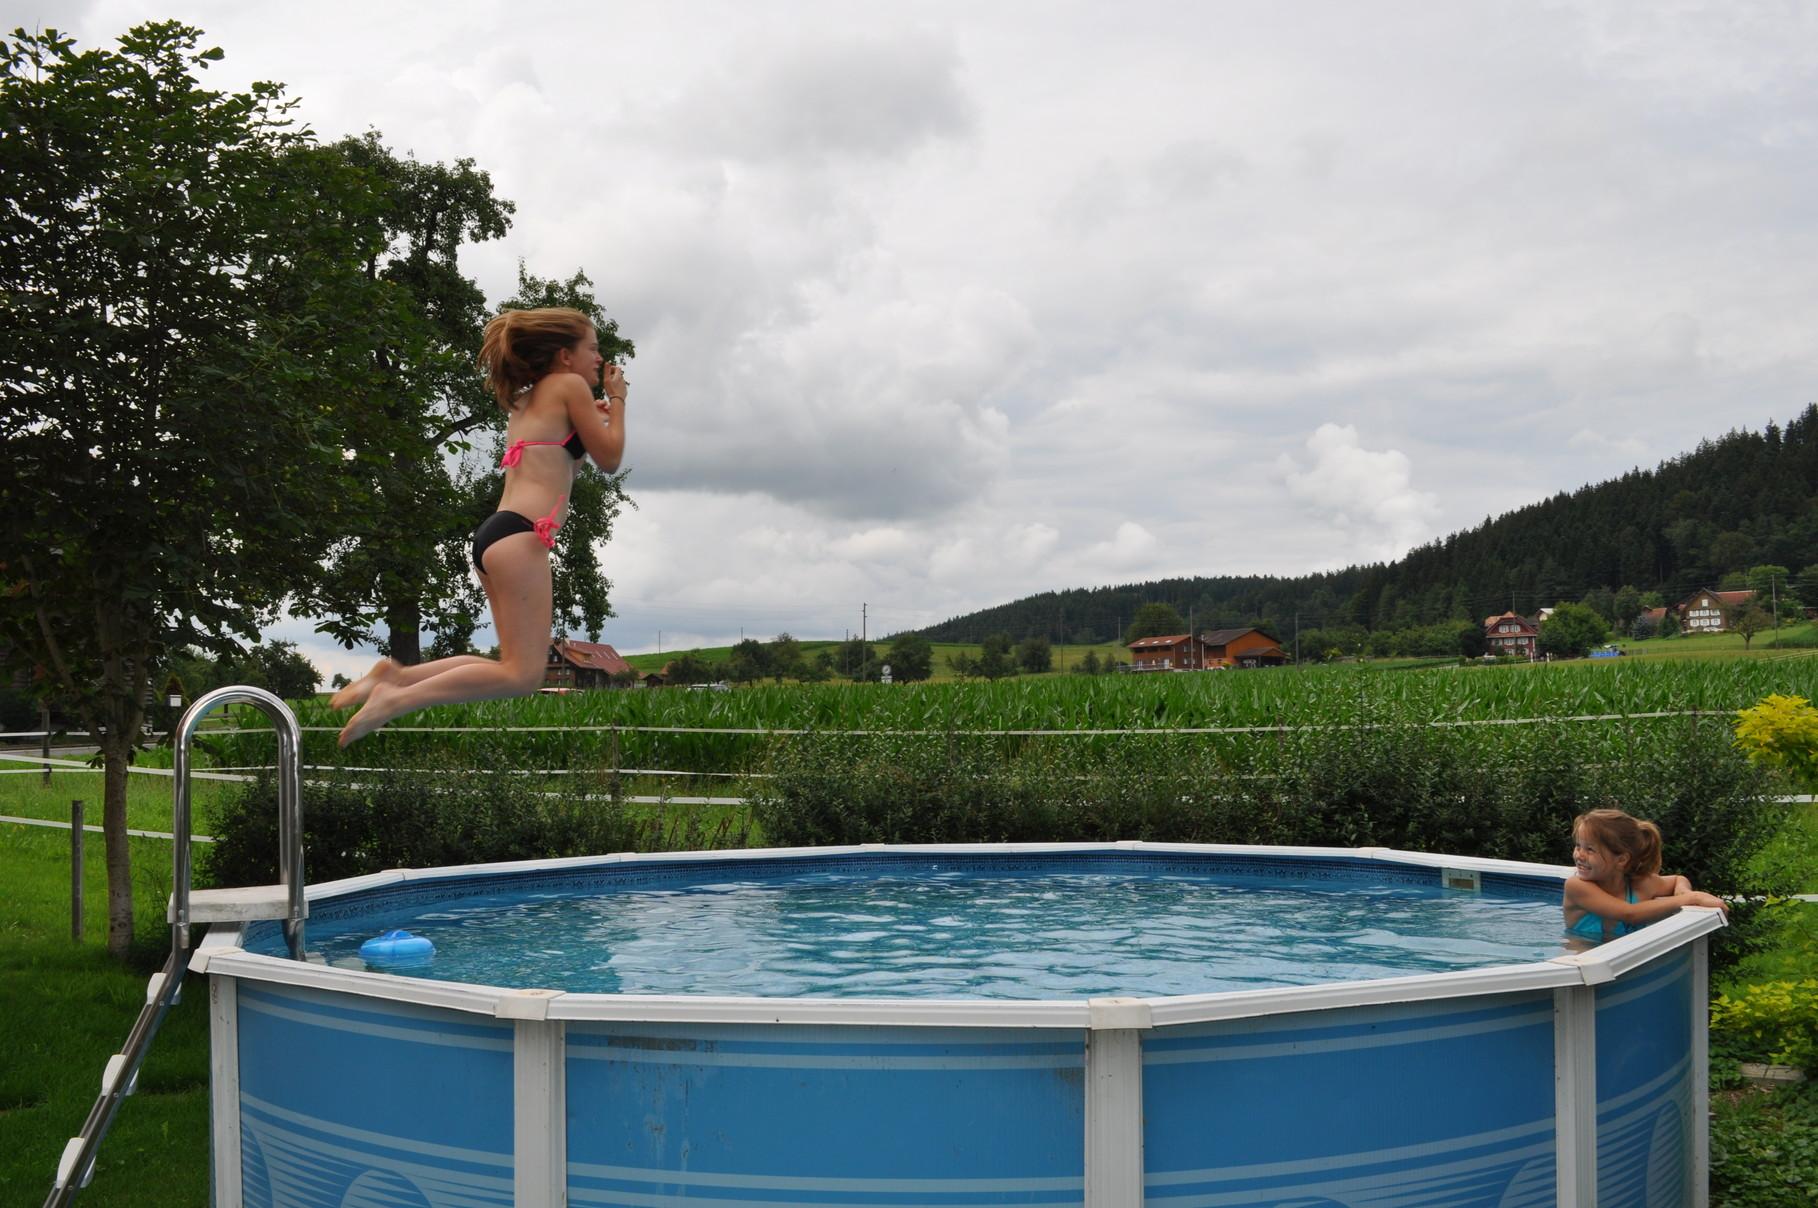 Trotz Herbstwetter und kühlen Temperaturen wurde der Pool genutzt...